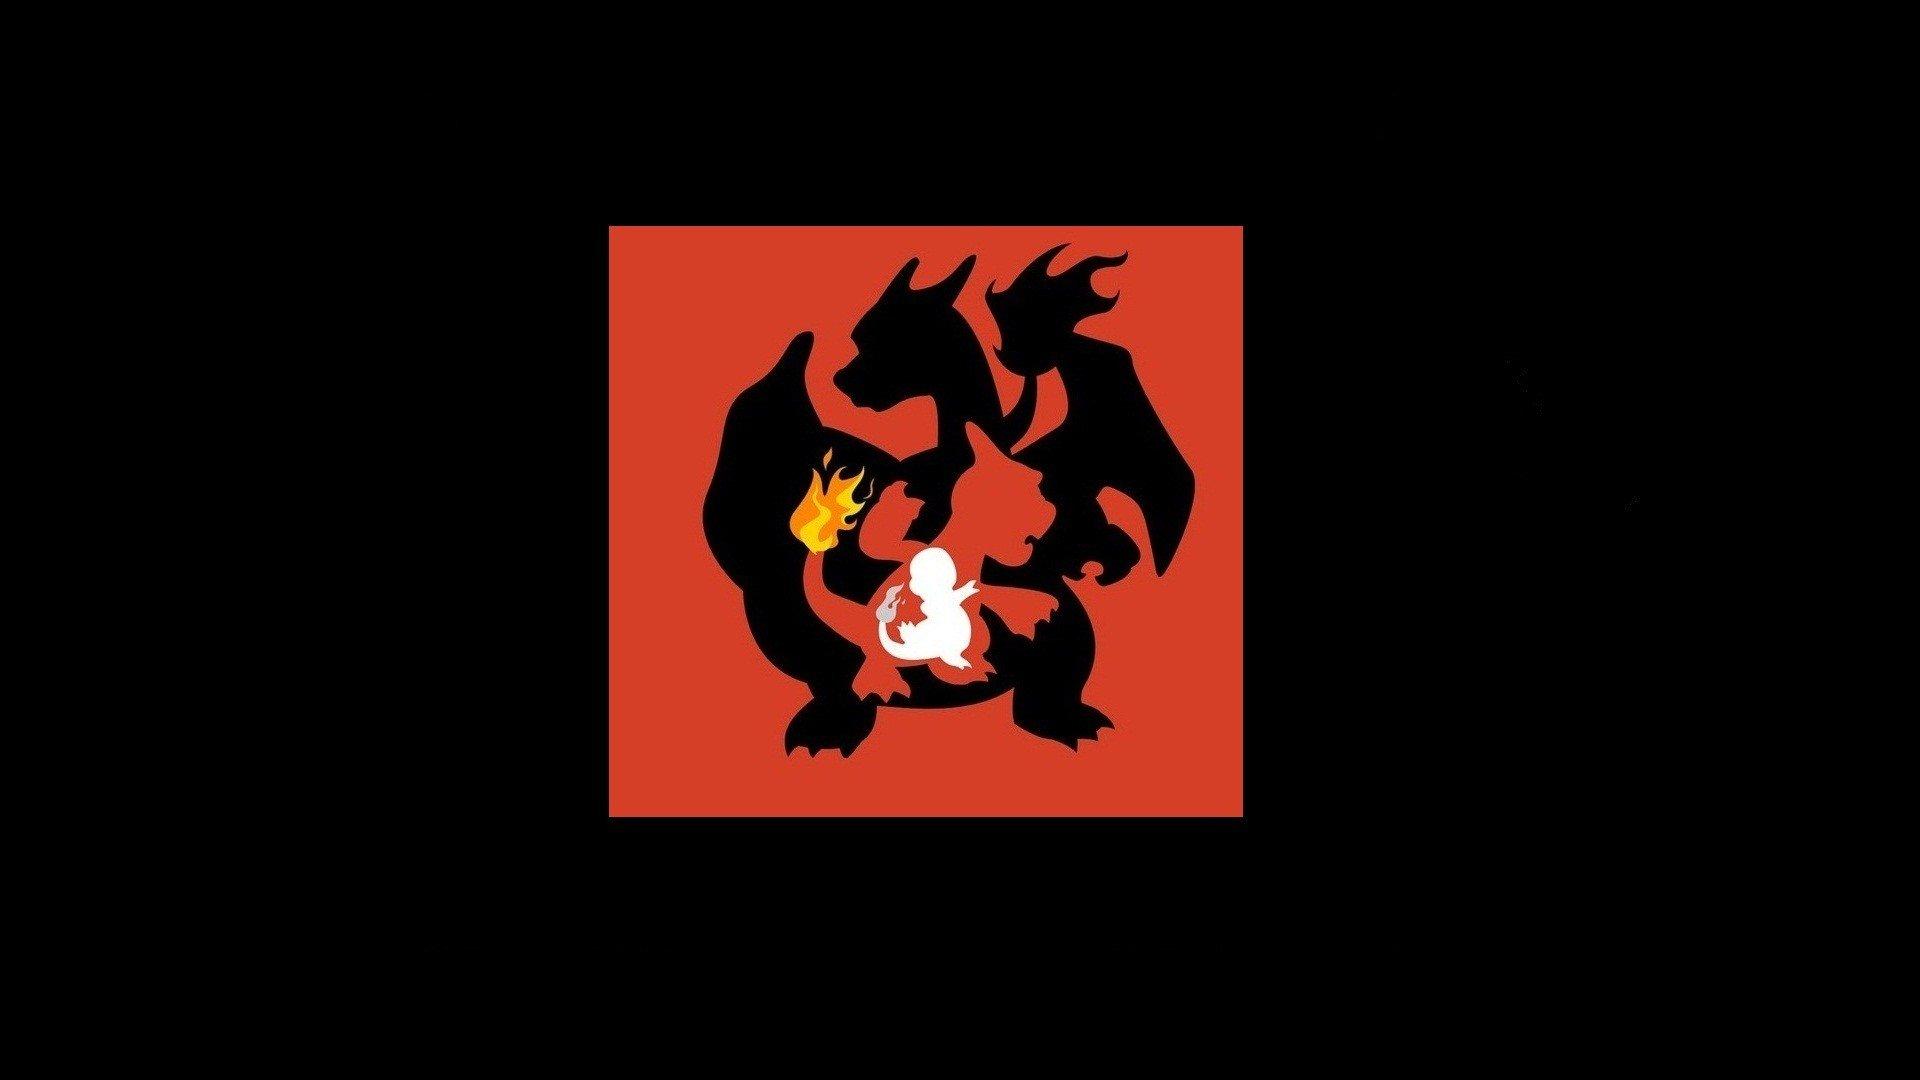 Charmander Charmeleon Charizard Pokemon